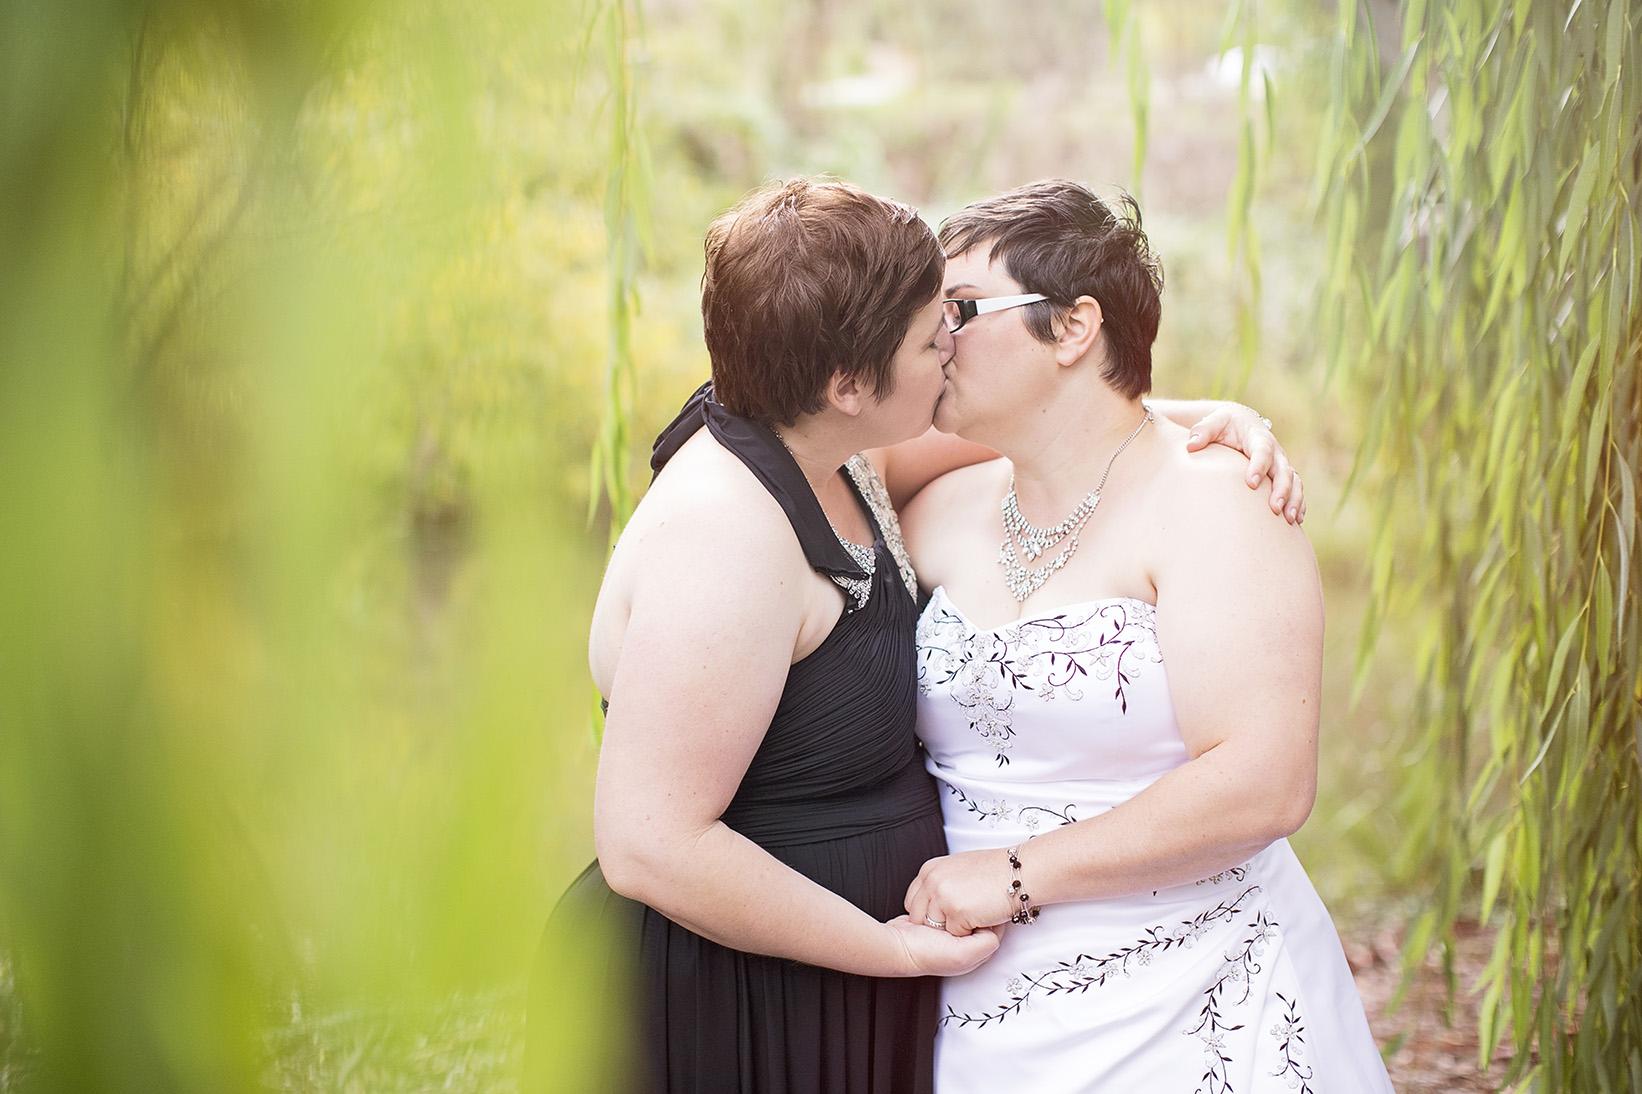 Clarendon Same Sex Wedding Photos 10.jpg